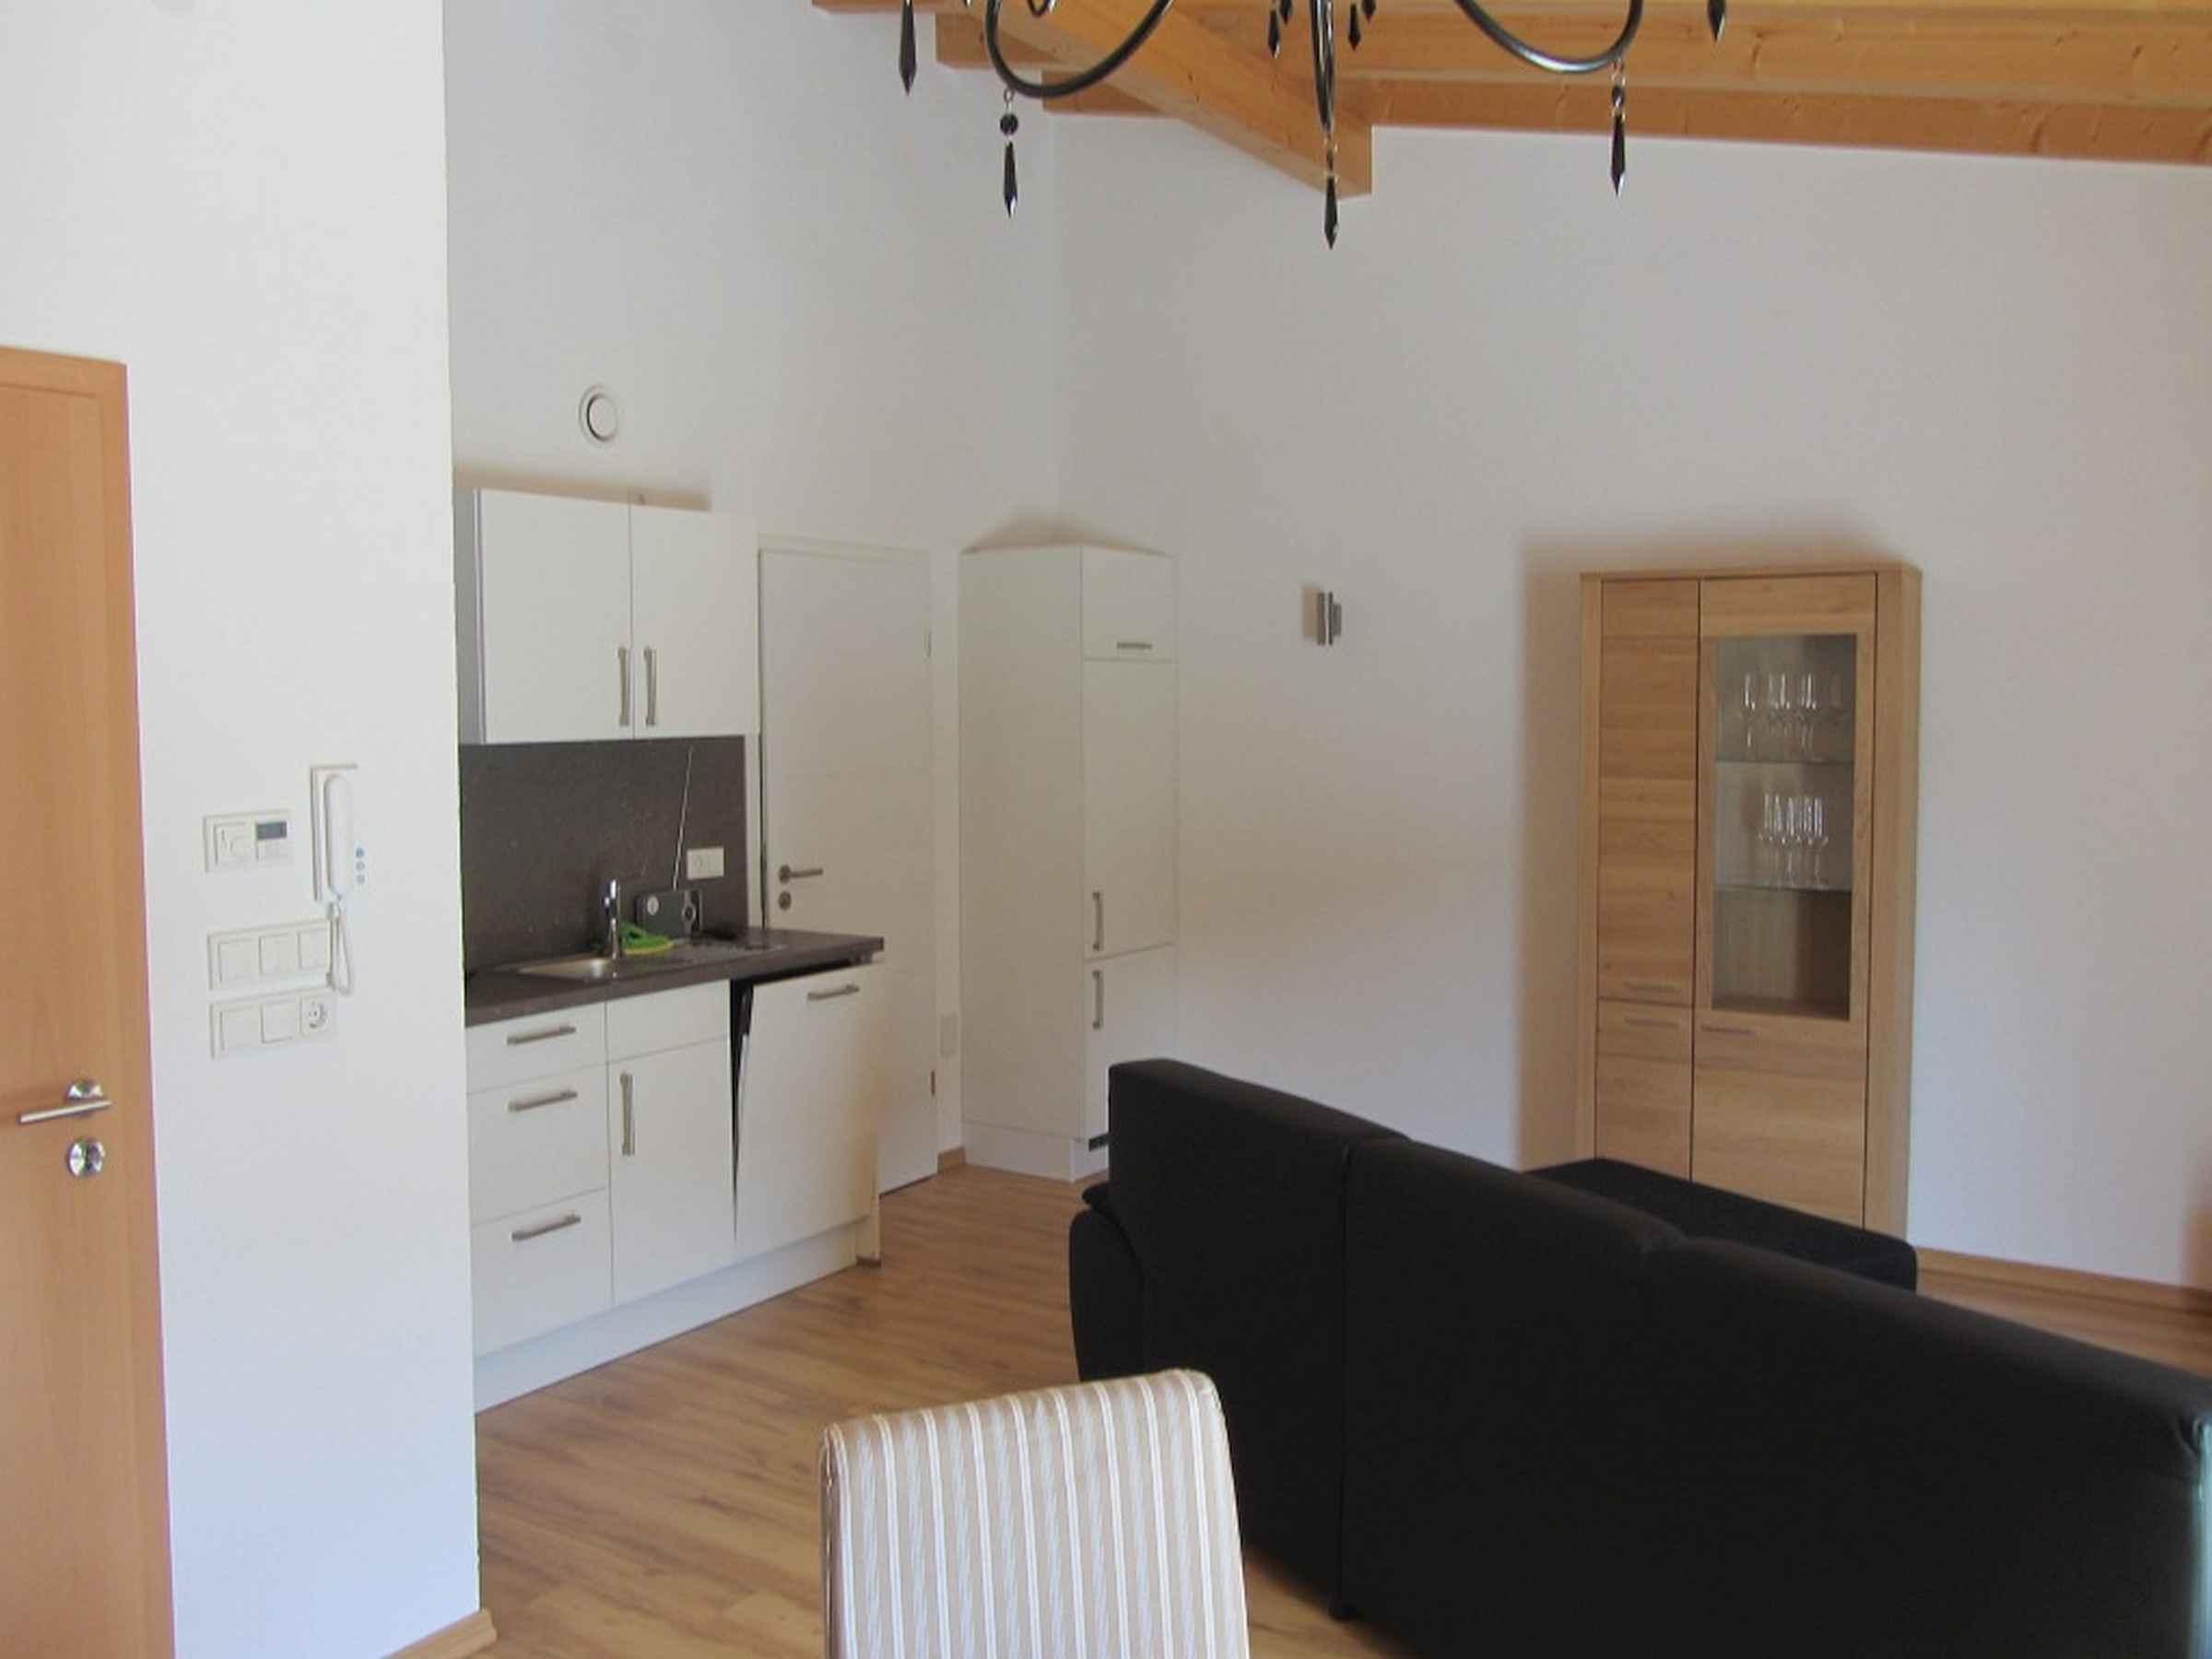 ferienwohnungen am weinberg ostrach die kleine. Black Bedroom Furniture Sets. Home Design Ideas